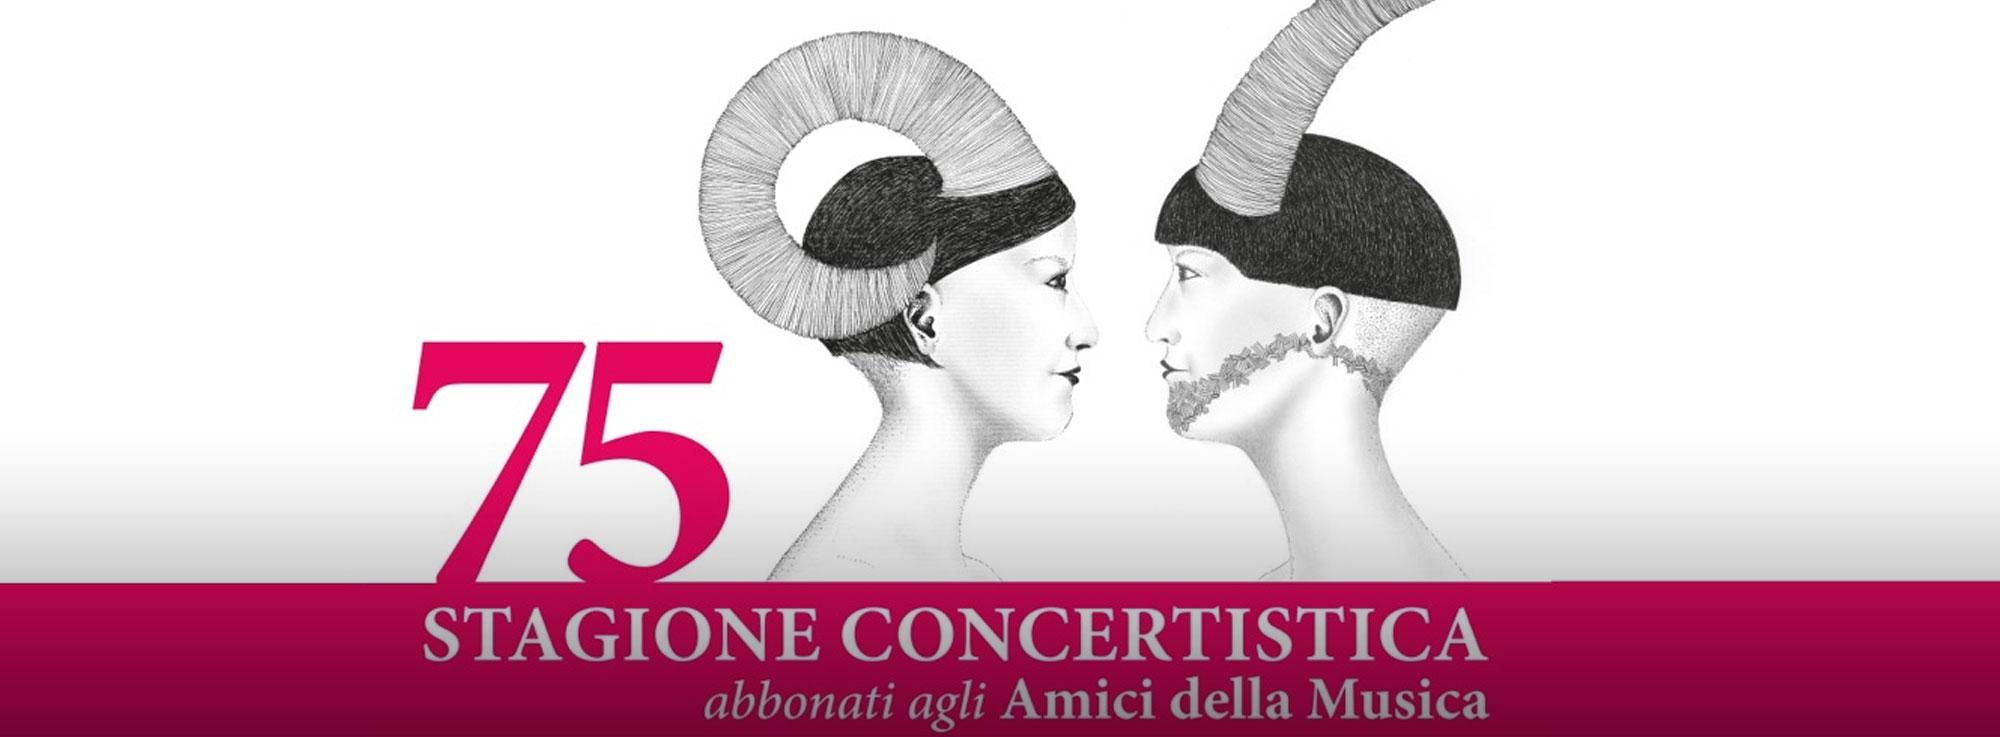 Taranto: 75a Stagione Concertistica